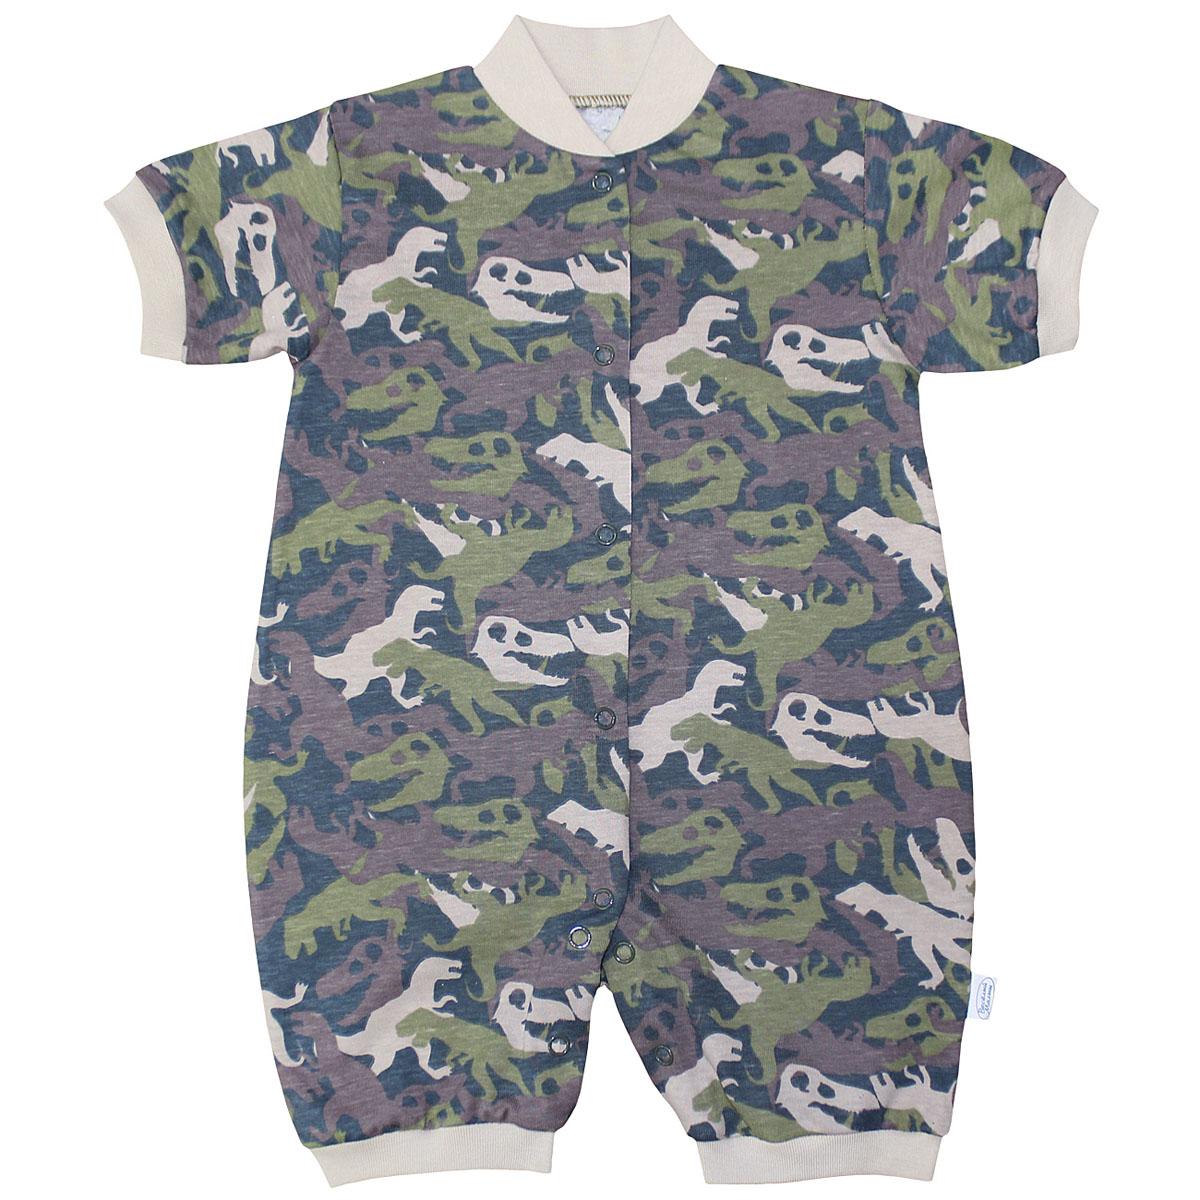 Боди для мальчика Веселый малыш Динозавры, цвет: темно-зеленый. 52172/ди-хаки. Размер 74